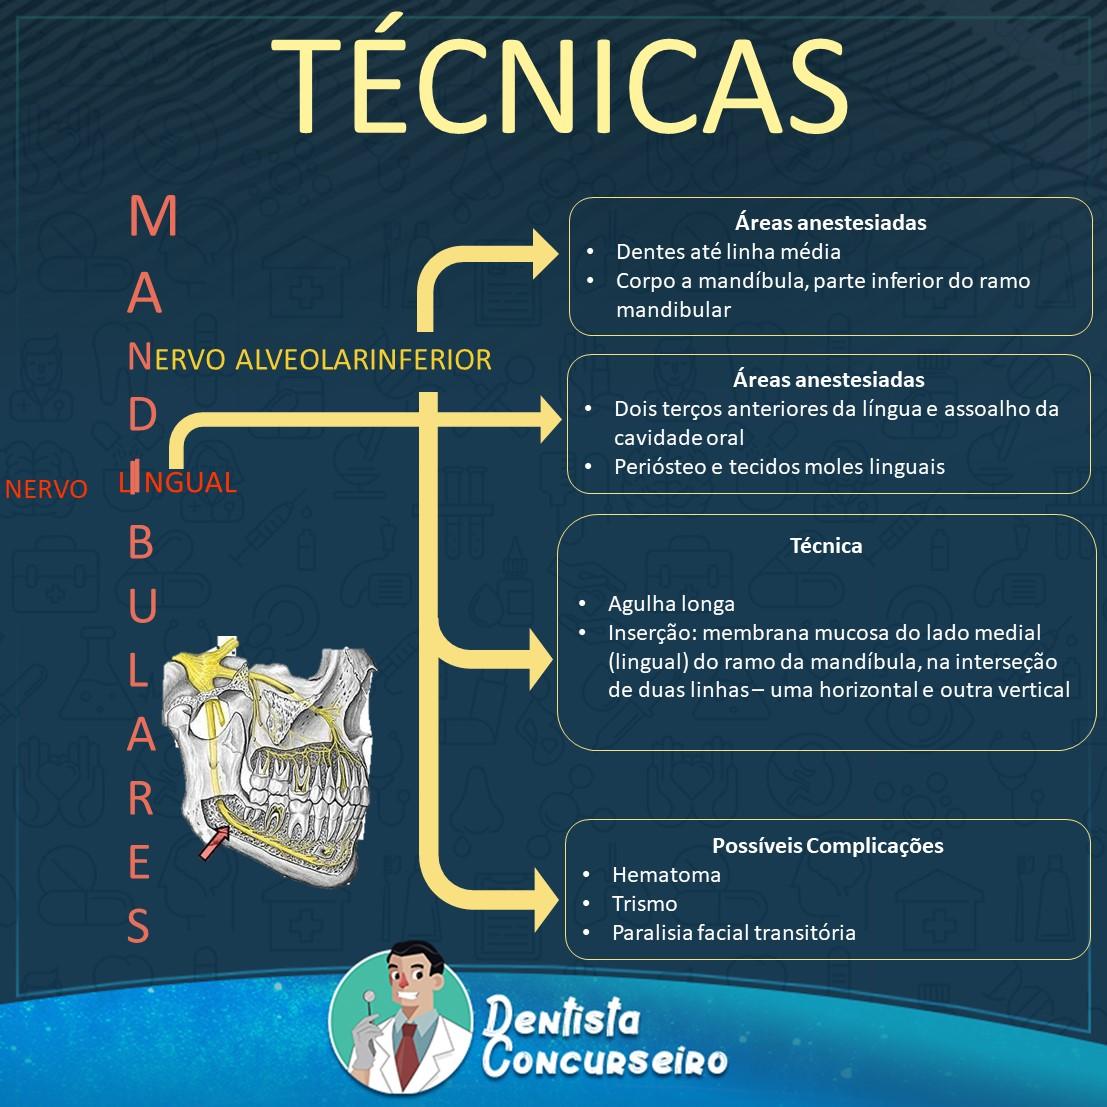 Resumo de Técnicas Anestésicas Mandibulares | Odontologia